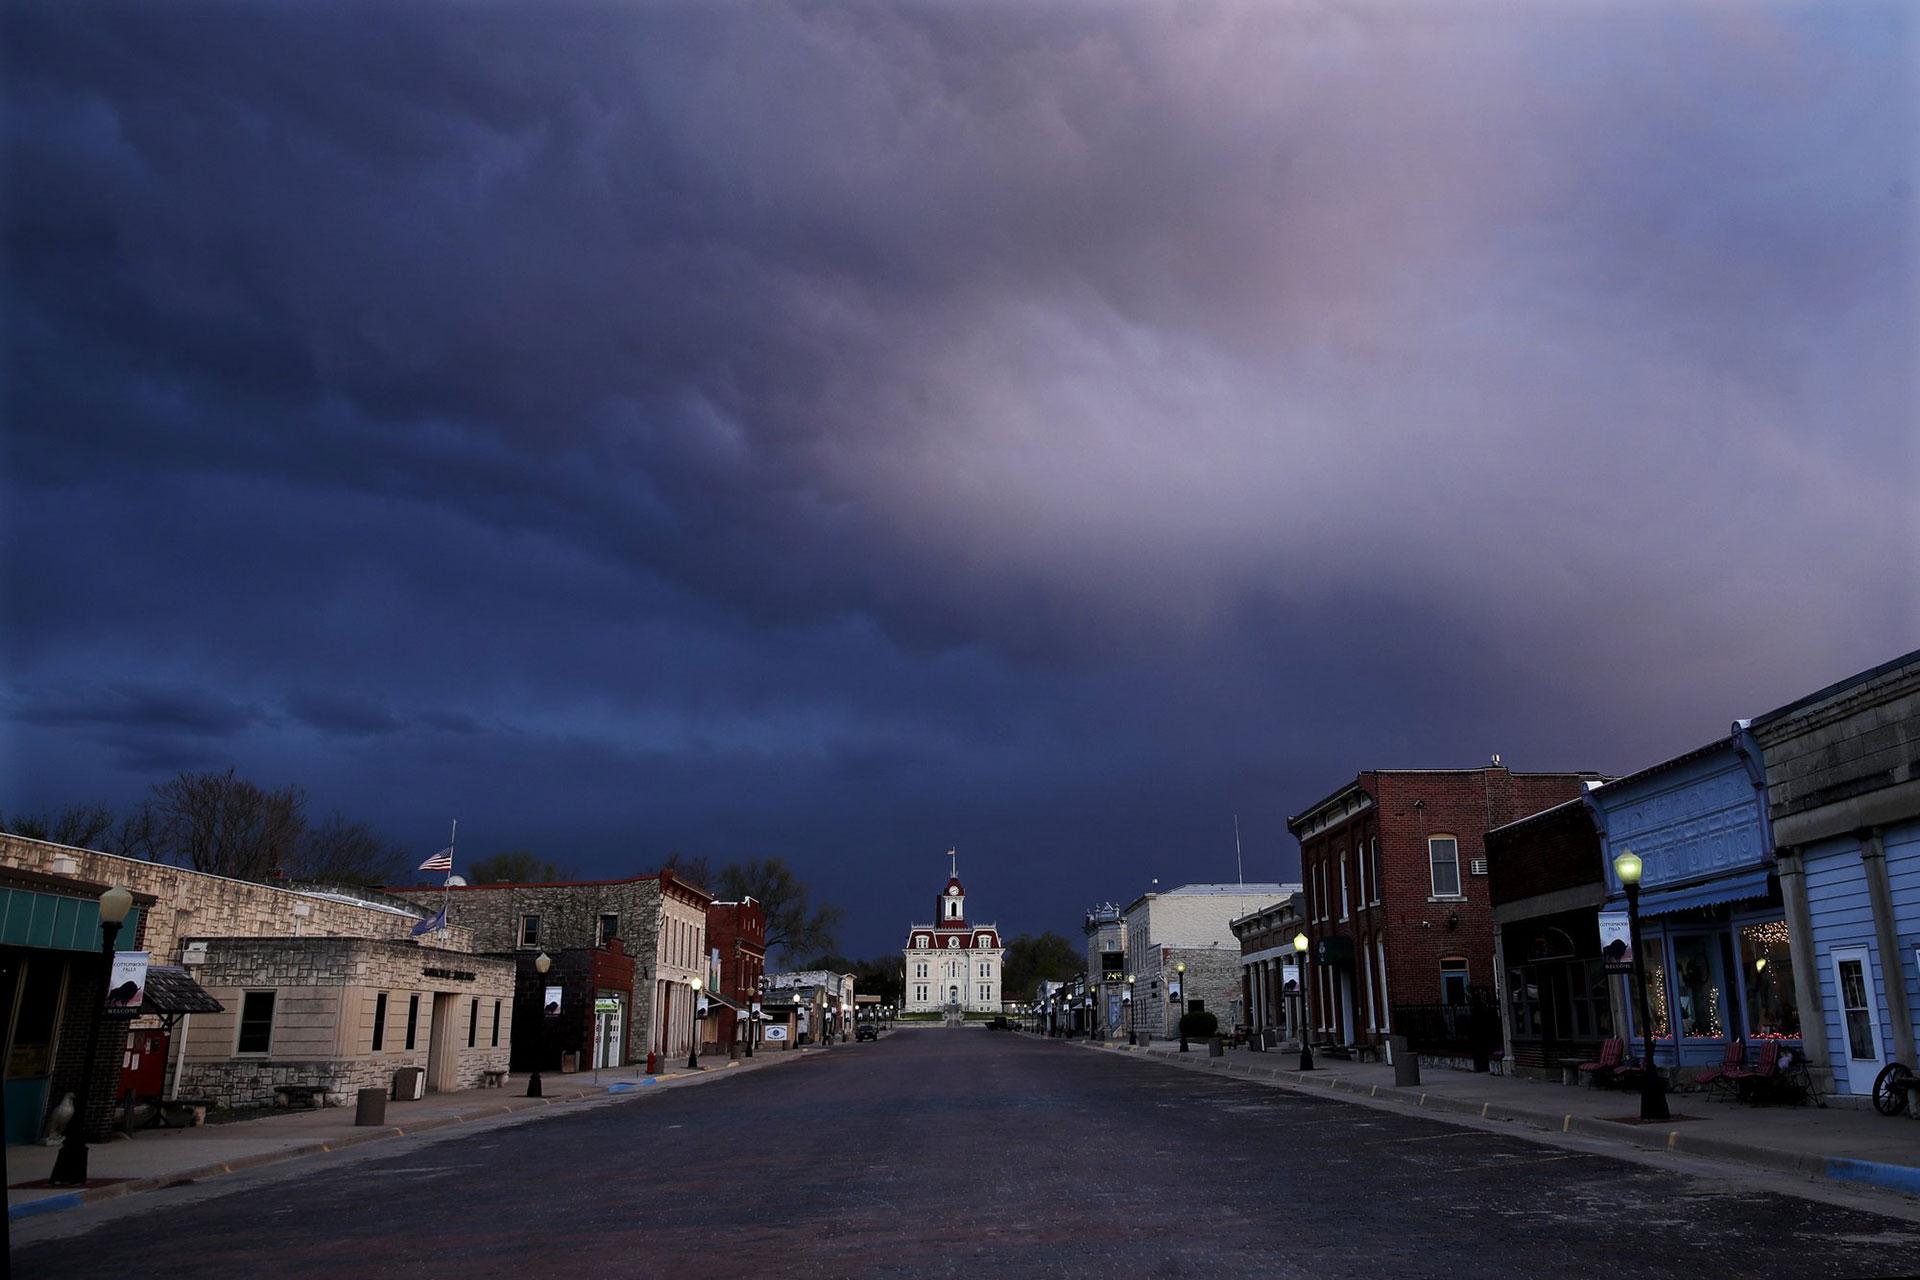 Una calle desierta conduce al histórico Palacio de Justicia del Condado de Chase en Cottonwood Falls, Kansas, EEUU, al anochecer del jueves 23 de abril de 2020 (Foto AP / Charlie Riedel)